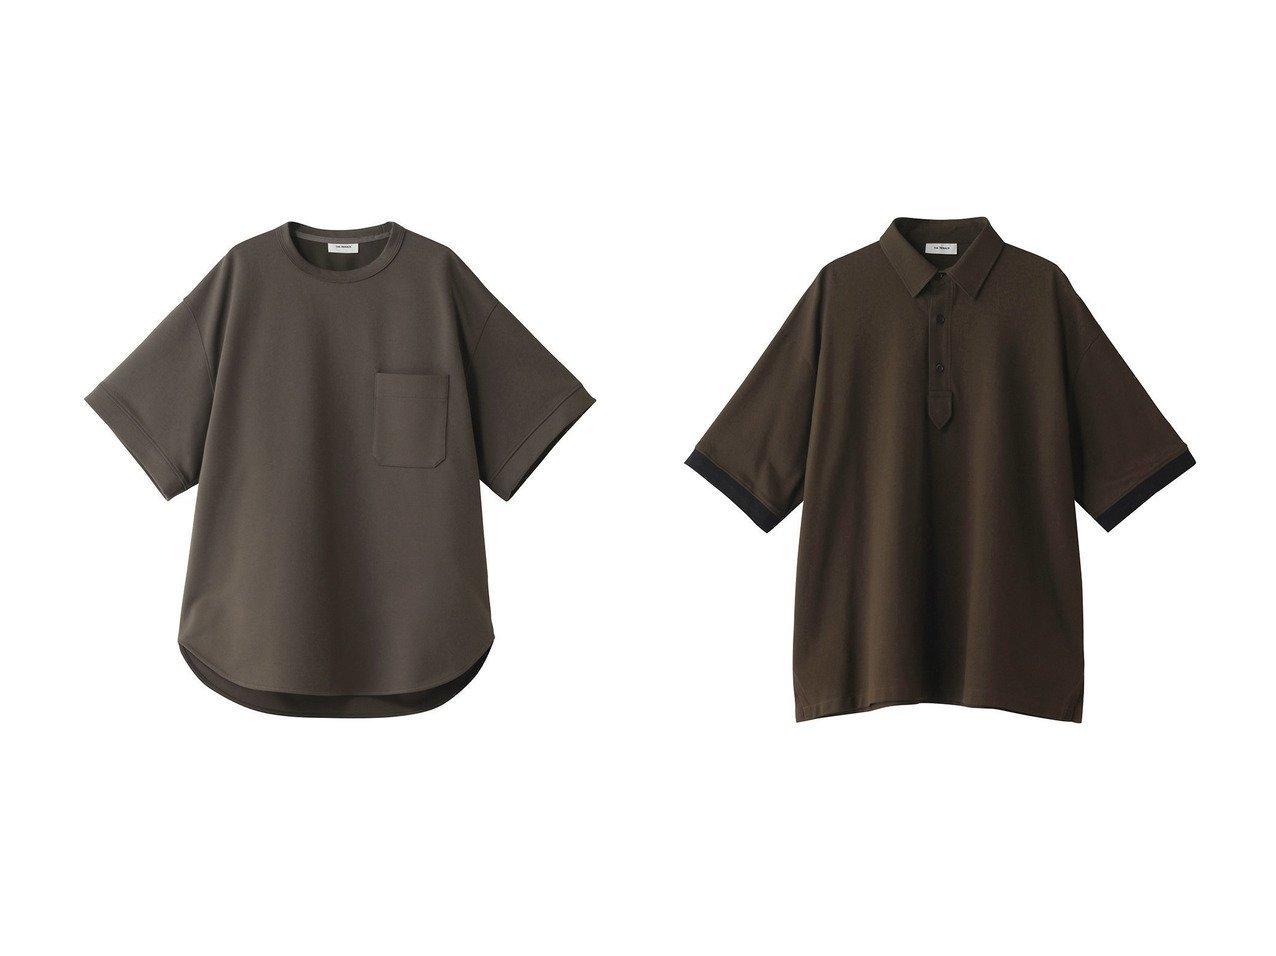 【THE RERACS / MEN/ザ リラクス】の【MEN】エアフィールズストラクチャーTシャツ&【MEN】レギュラーカラーポロシャツ 【MEN】男性のおすすめ!人気トレンド・メンズファッションの通販 おすすめで人気の流行・トレンド、ファッションの通販商品 メンズファッション・キッズファッション・インテリア・家具・レディースファッション・服の通販 founy(ファニー) https://founy.com/ ファッション Fashion メンズファッション MEN トップス Tops Tshirt Men シャツ Shirts 2021年 2021 2021 春夏 S/S SS Spring/Summer 2021 S/S 春夏 SS Spring/Summer ショート シンプル スリーブ ラウンド 半袖 春 Spring  ID:crp329100000015218